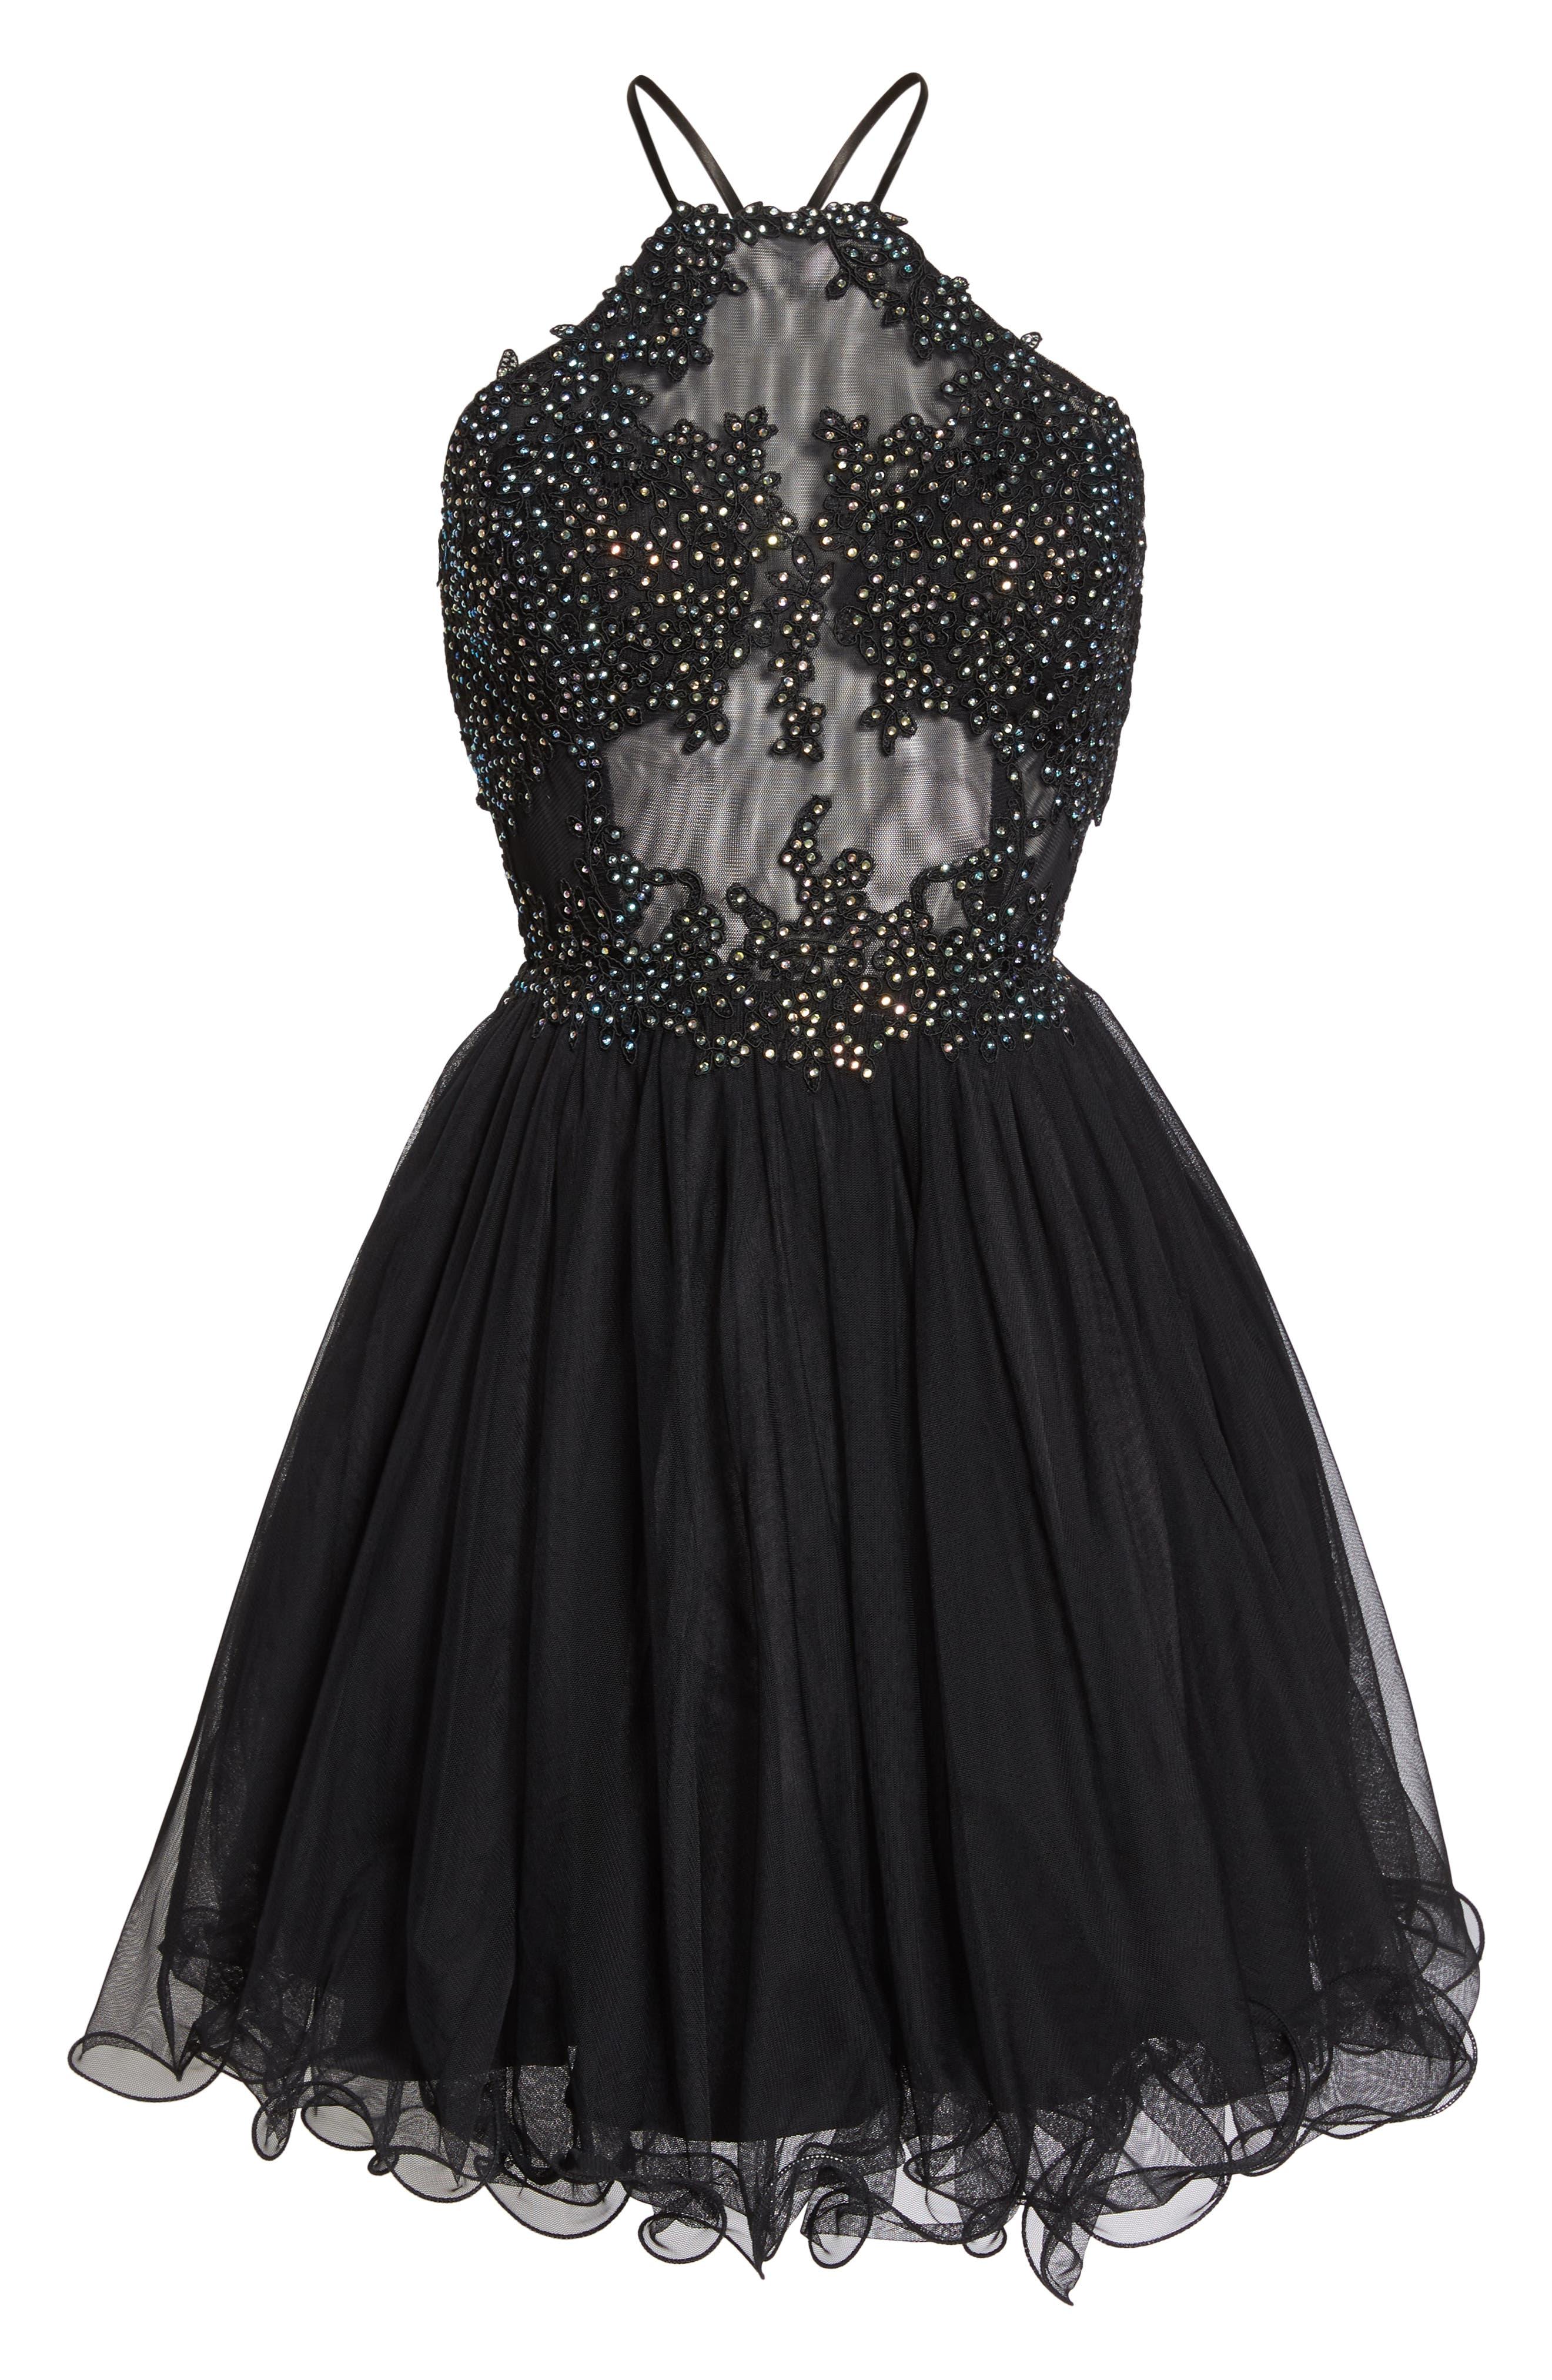 Halter Neck Appliqué Mesh Party Dress,                             Alternate thumbnail 7, color,                             BLACK